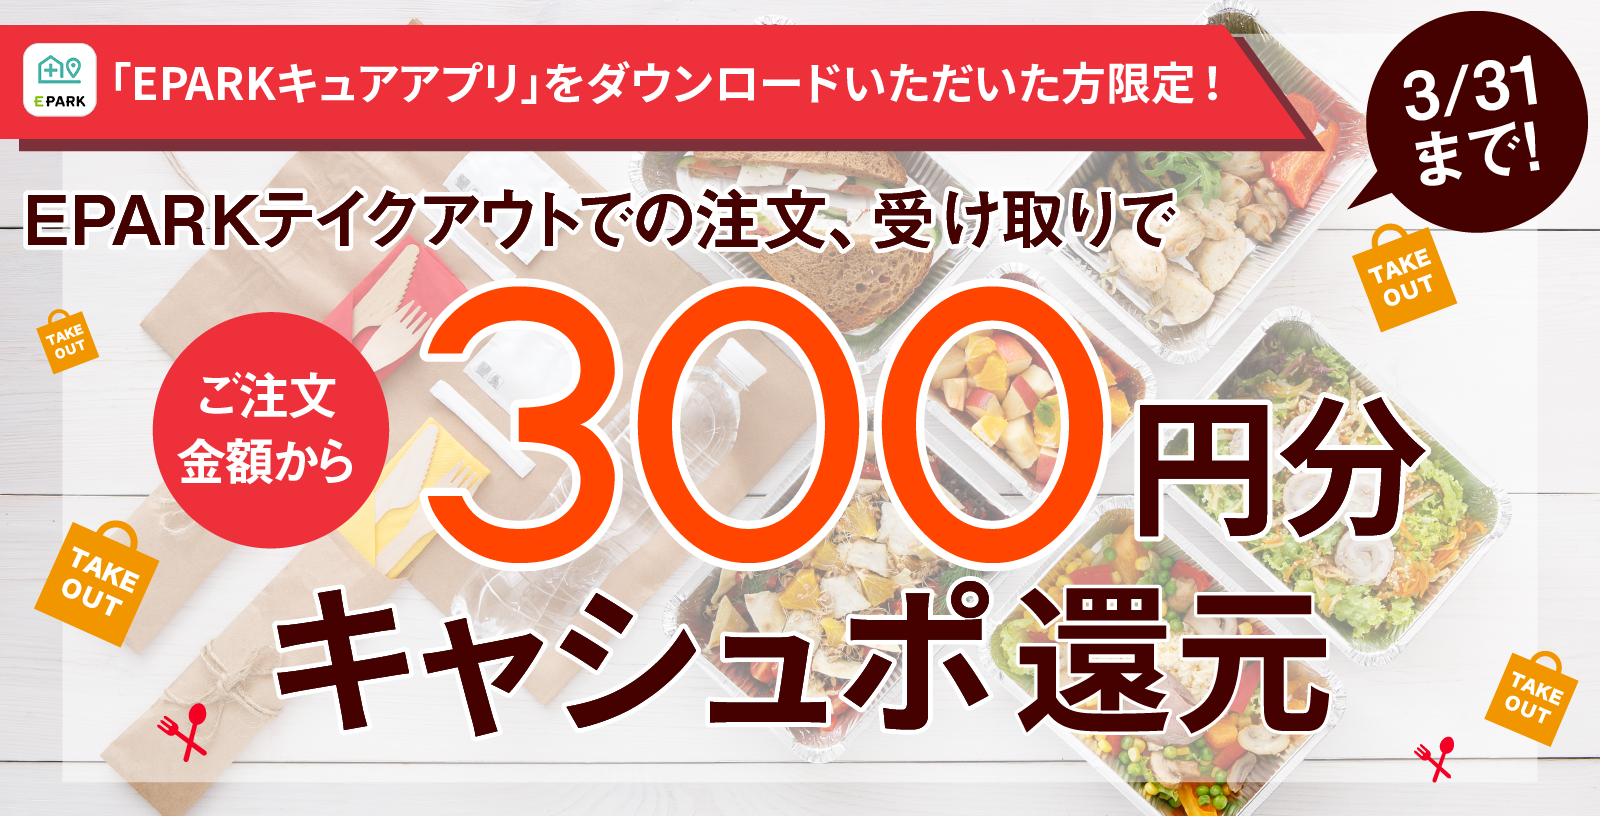 「EPARKキュアアプリ」をダウンロードいただいた方限定!EPARKテイクアウトでの注文、受け取りでご注文金額から300円分キャシュポ還元